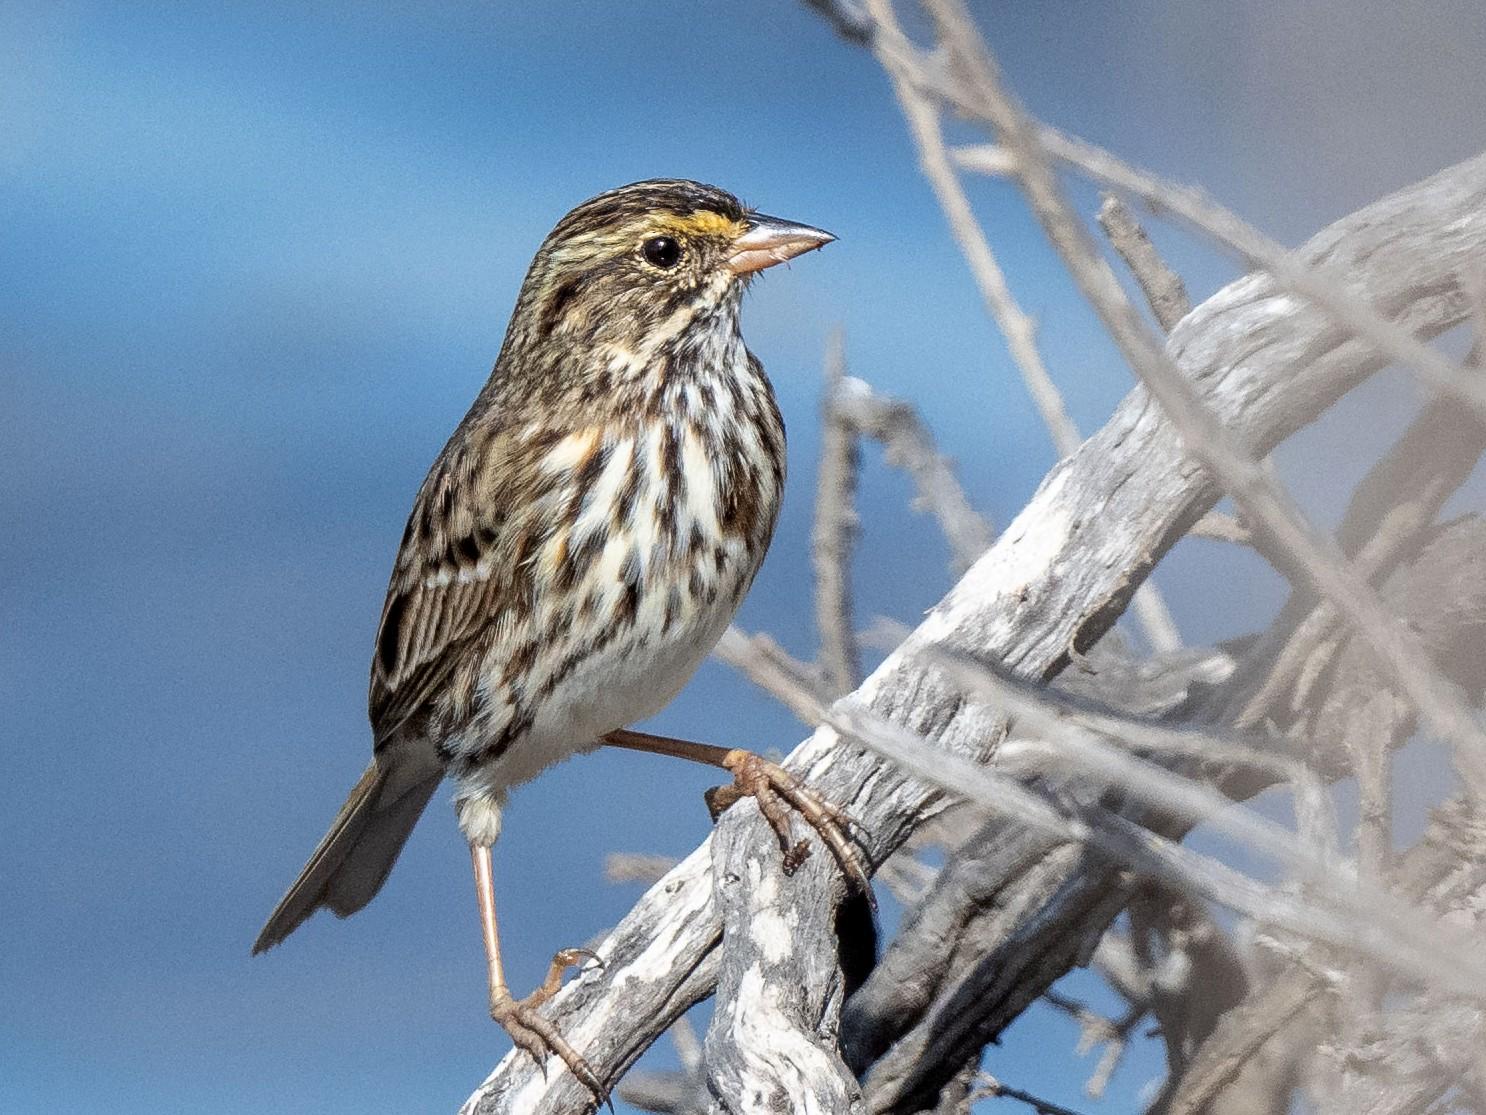 Savannah Sparrow - Andrew Newmark